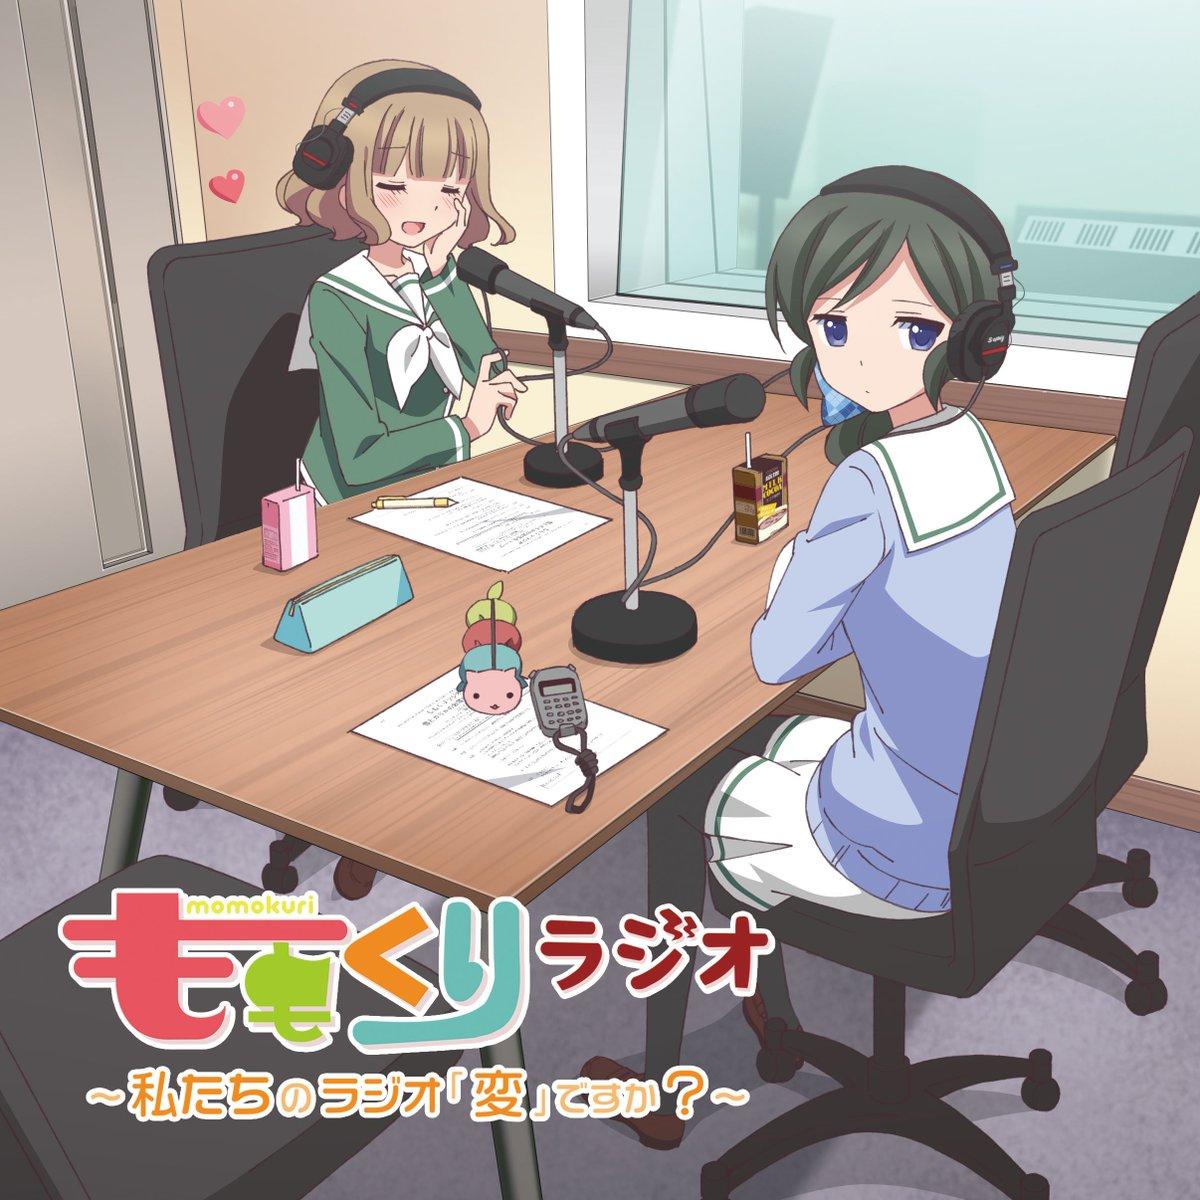 ラジオCD「ももくりラジオ~私たちのラジオ『変』ですか?~」が1/25(水)発売!ジャケットが公開されました!!大島美和